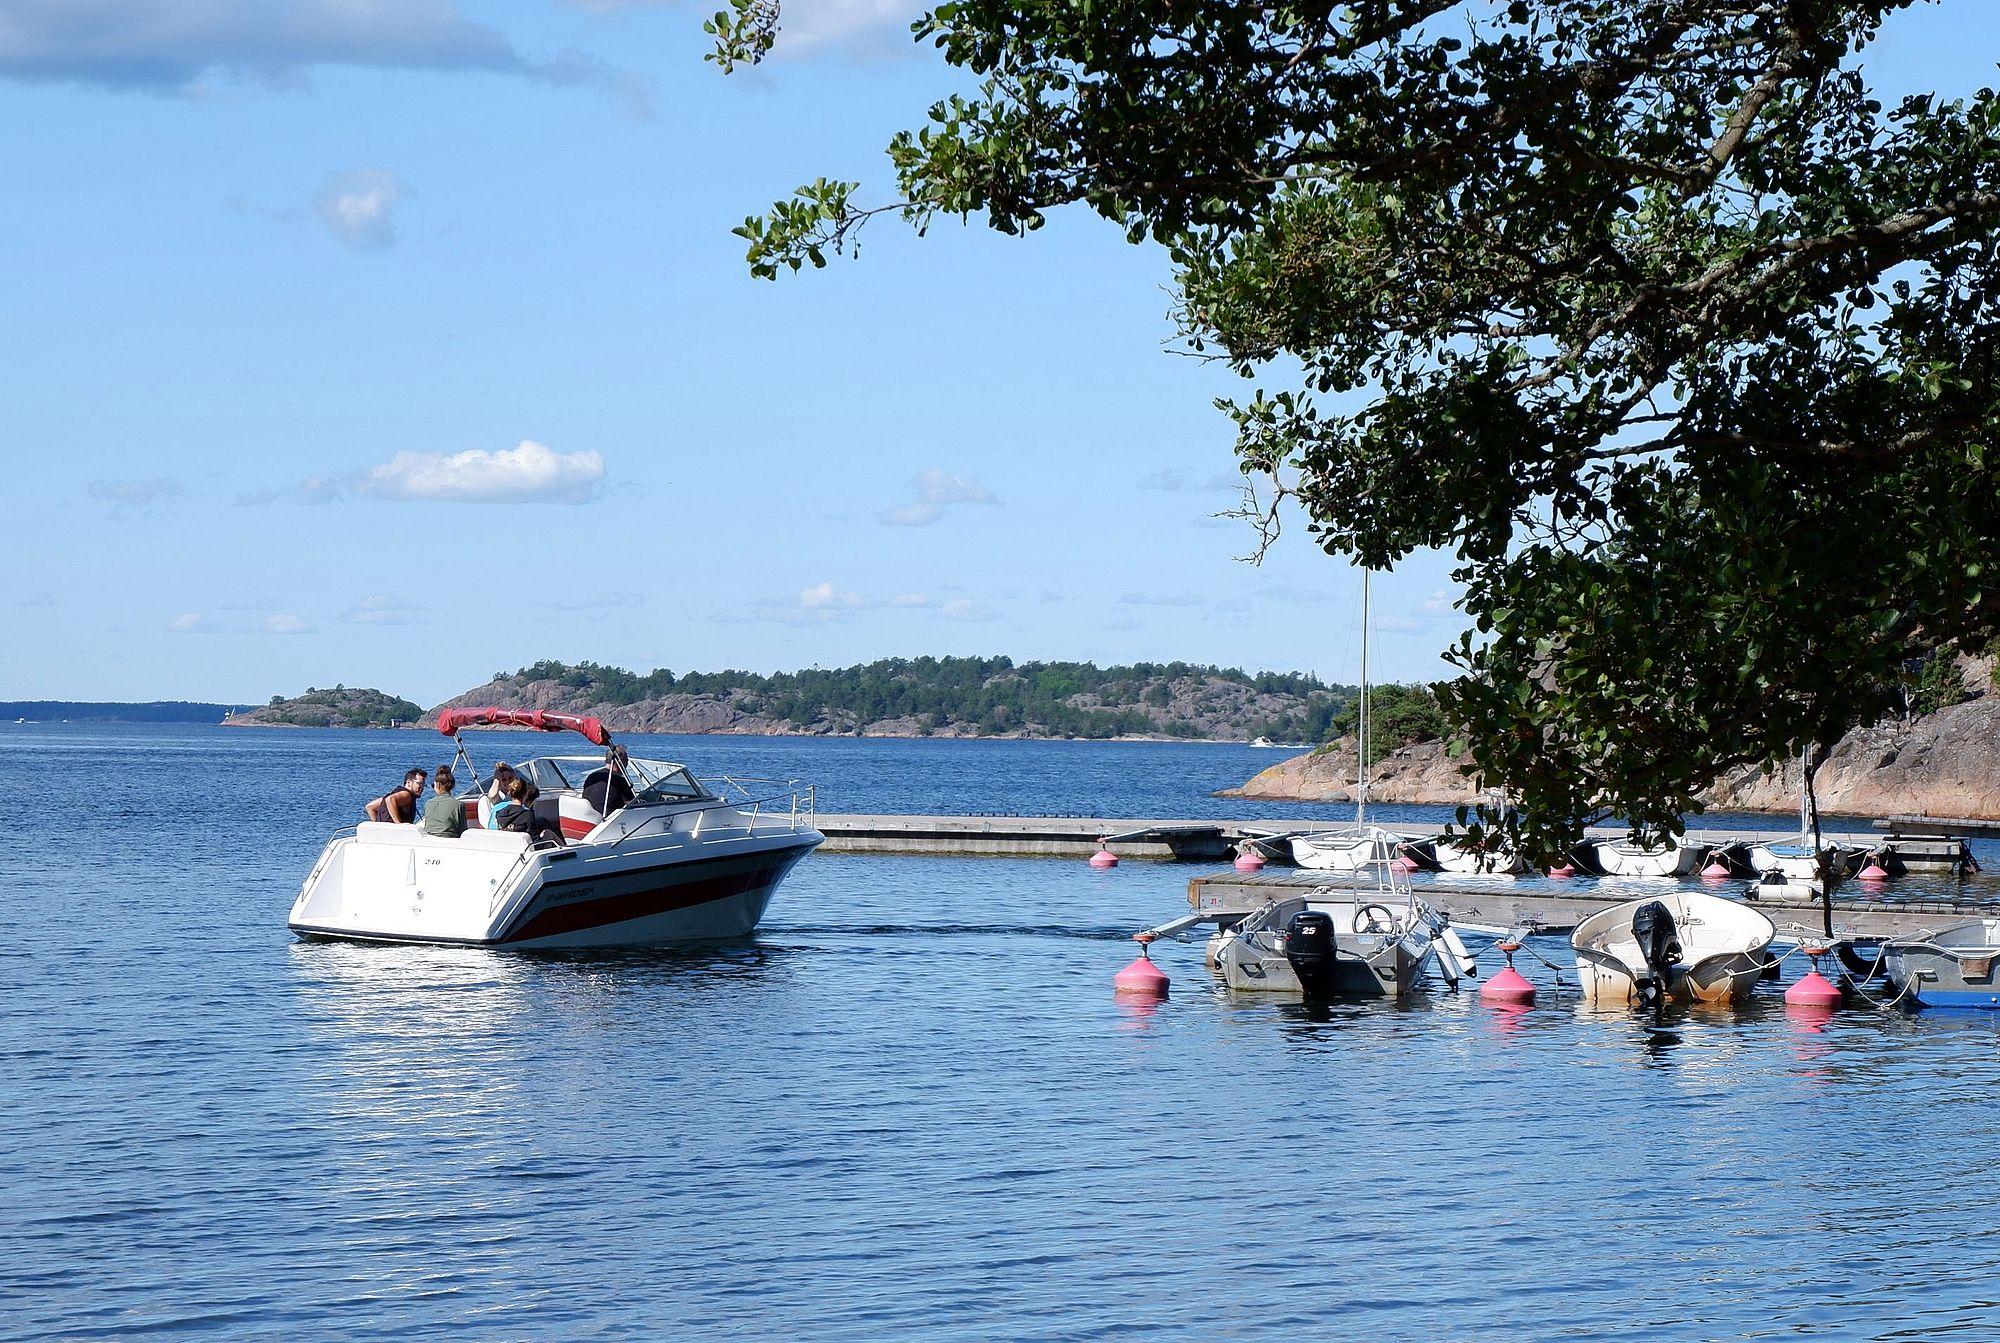 Un bateau à moteur quittant le ponton de l'île.